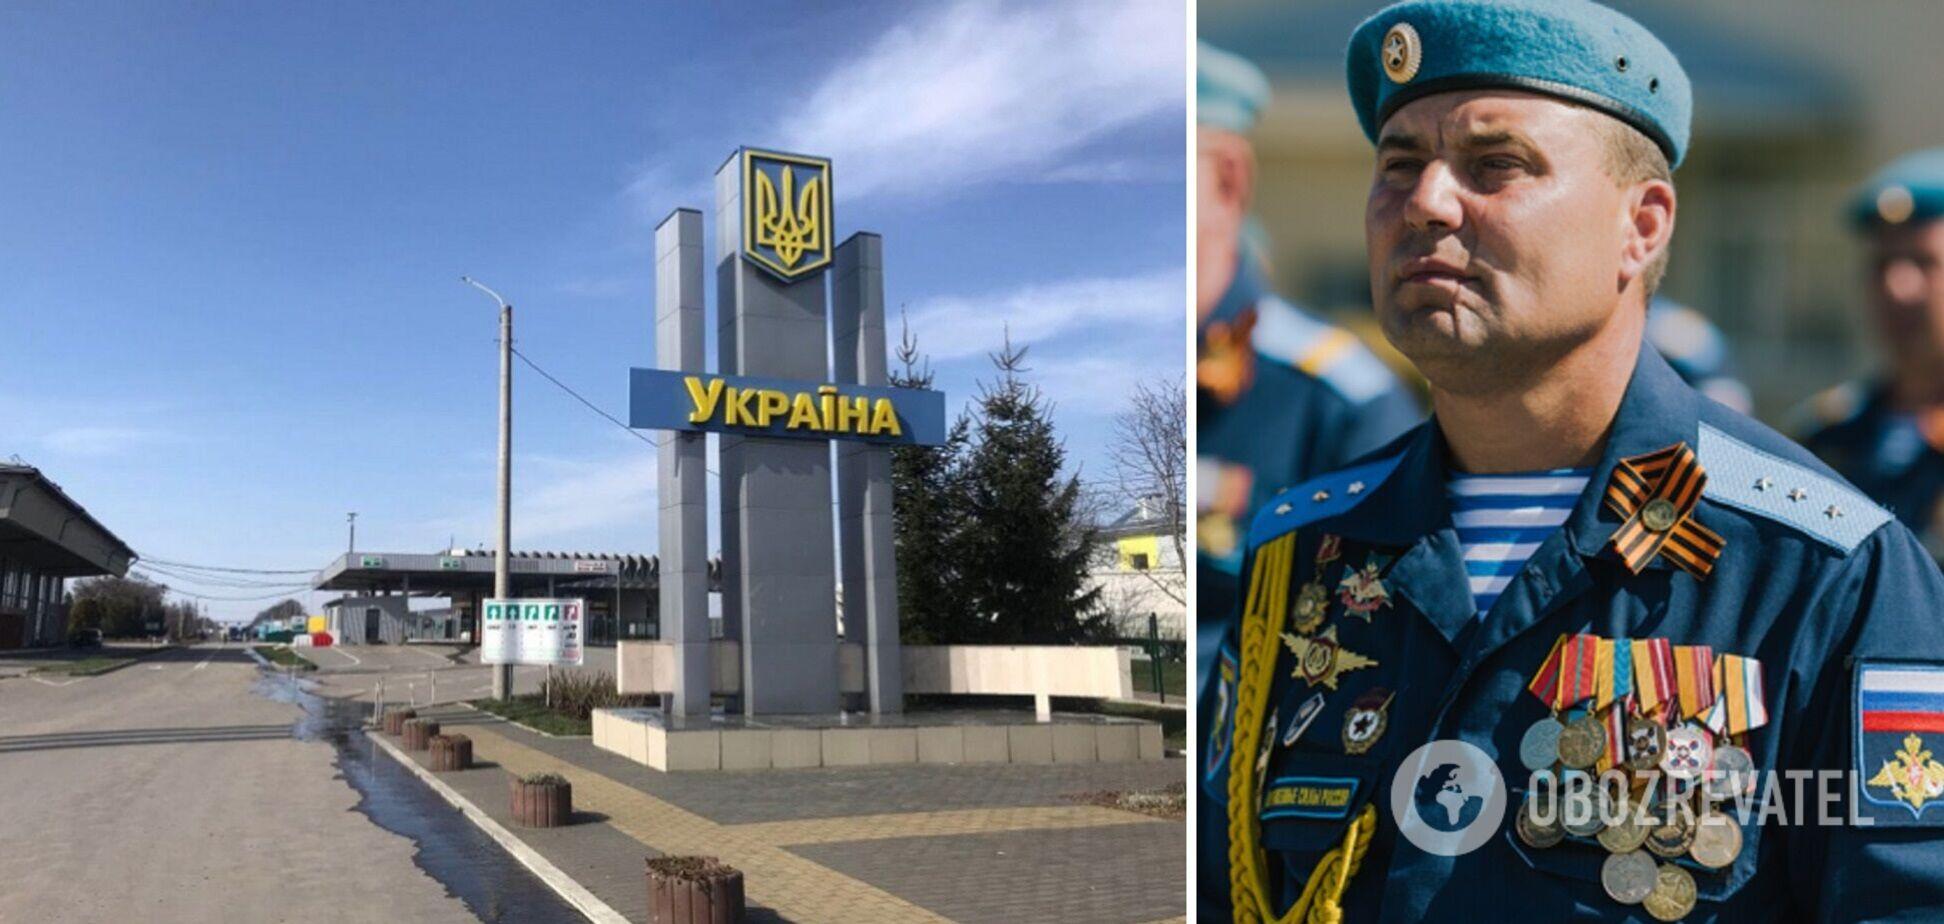 Тисячі пачок цигарок і атрибутика російських силовиків: на кордоні з РФ затримали контрабандистів